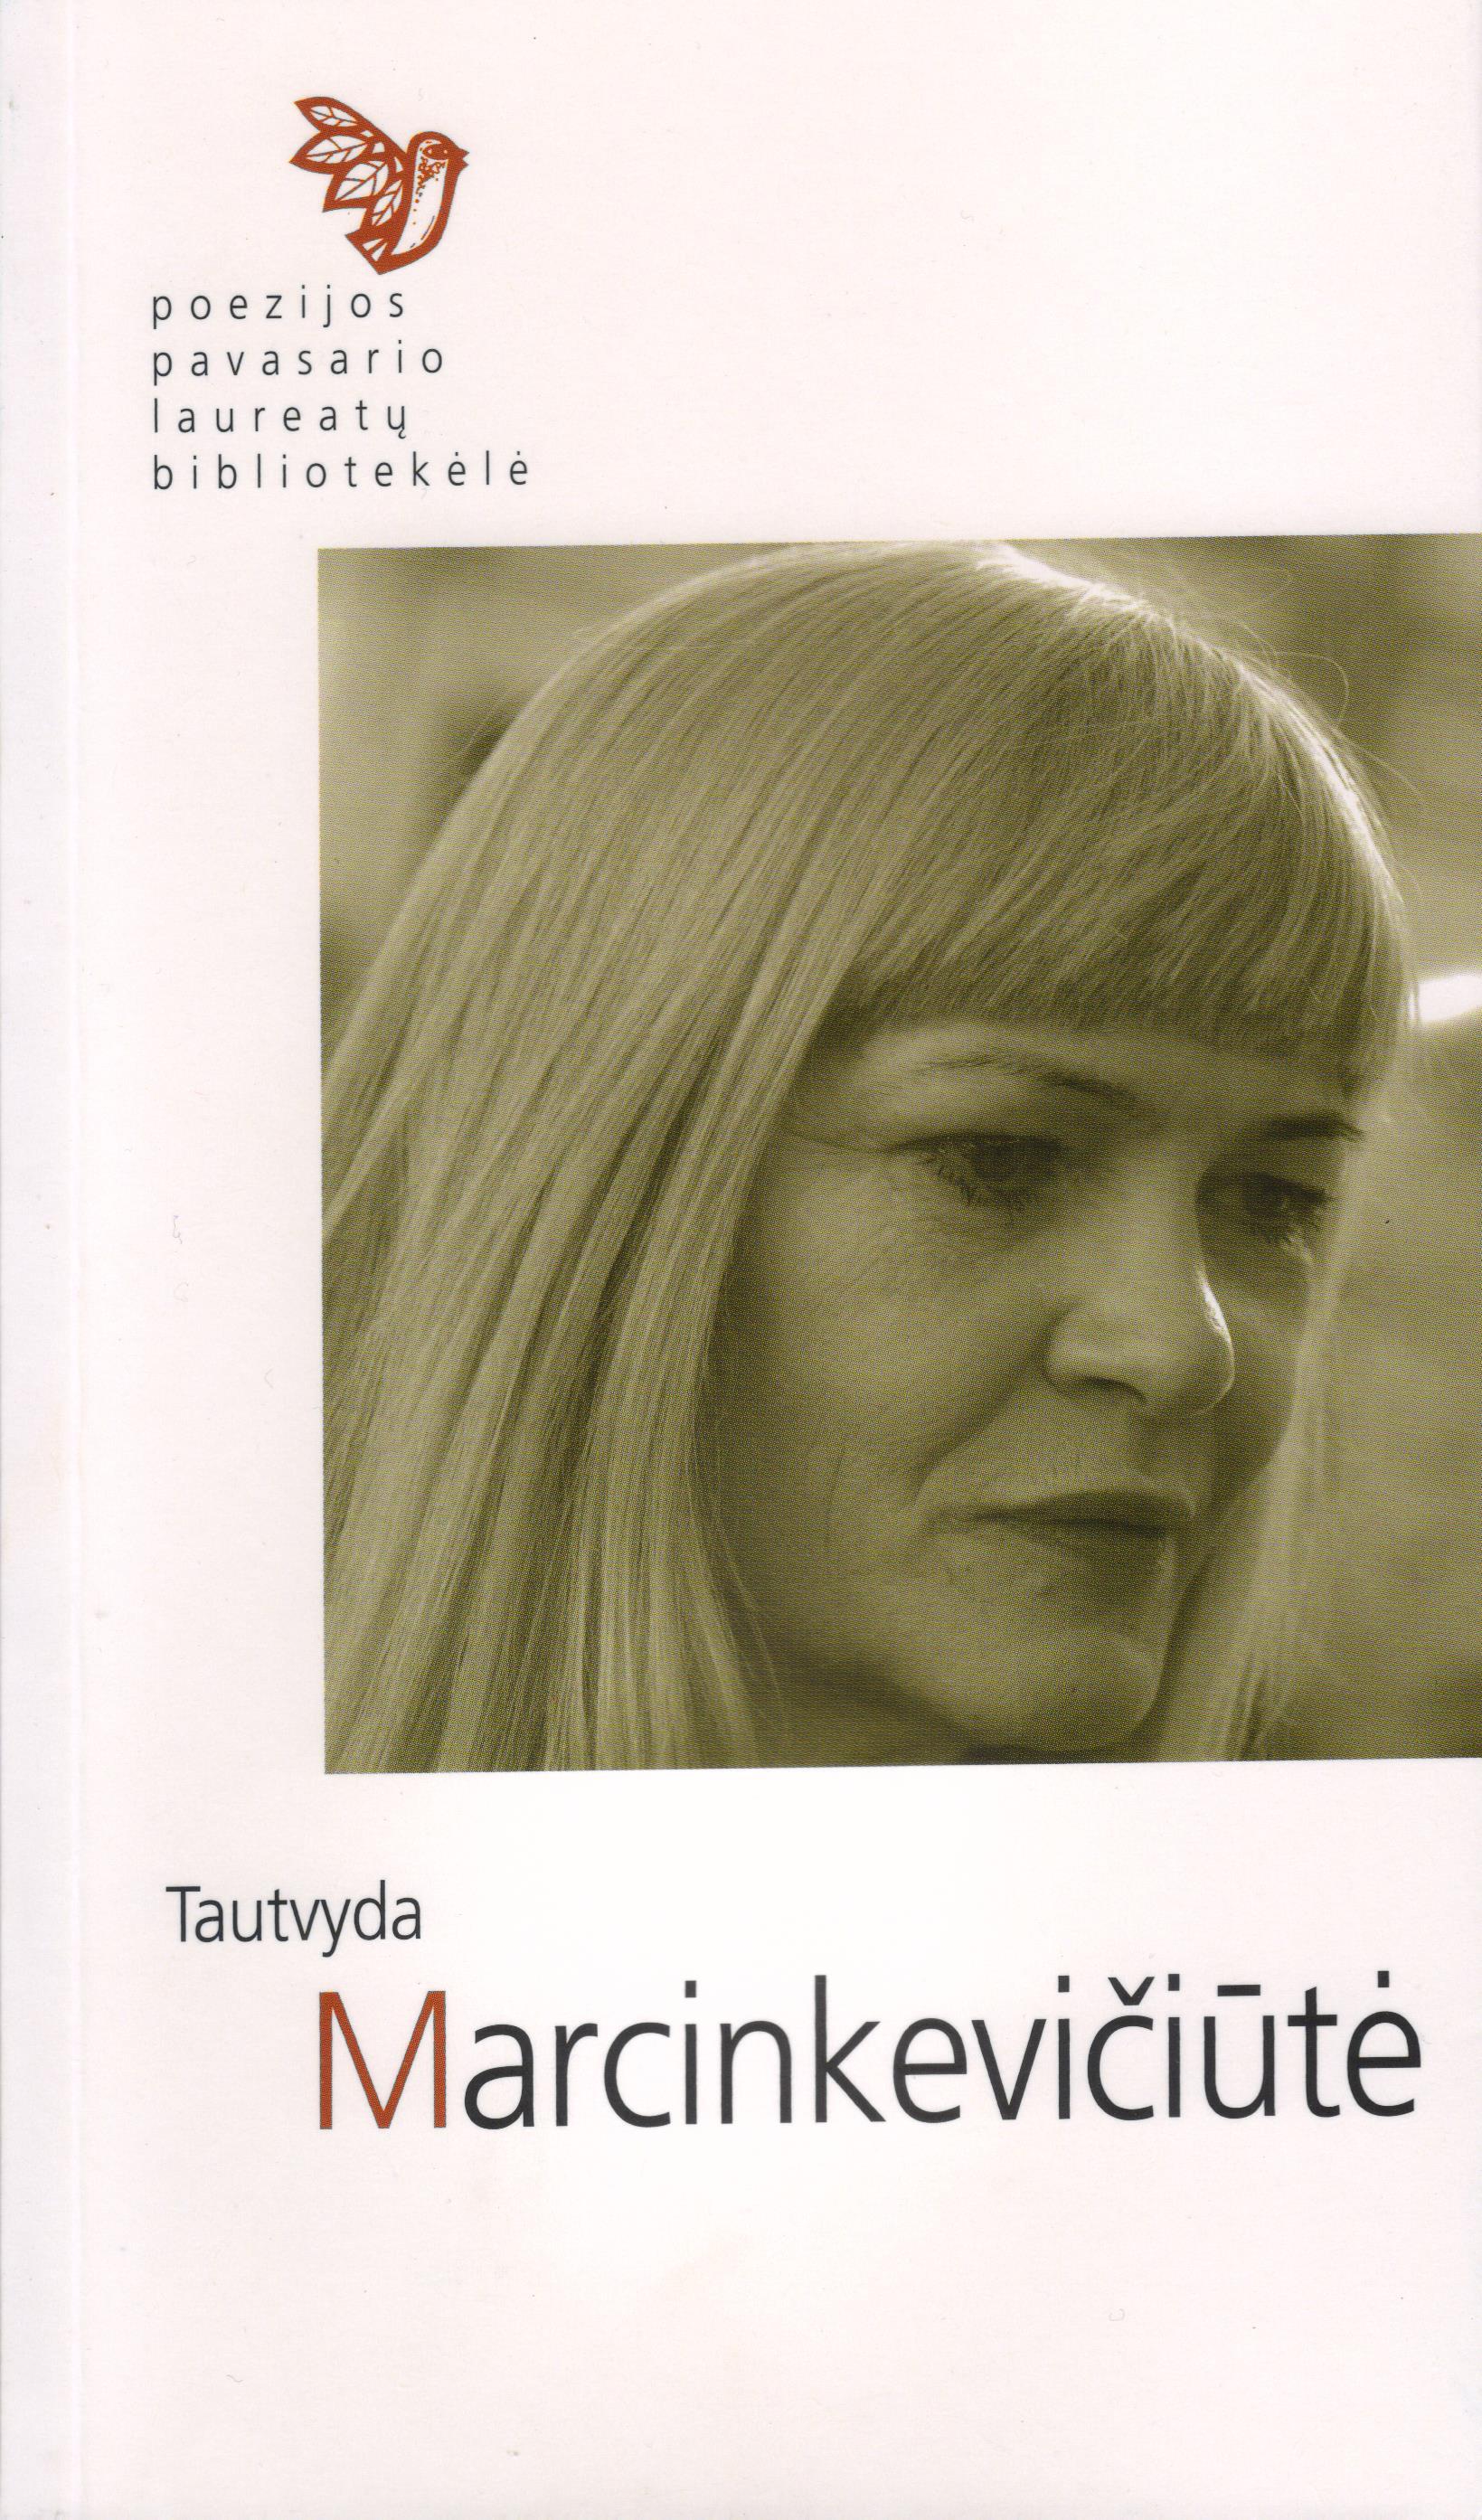 Poezijos pavasario laureatų bibliotekėlė. Tautvyda Marcinkevičiūtė: eilėraščiai. (Kaunas: Naujasis lankas: Kauno meno kūrėjų asociacija, 2016)